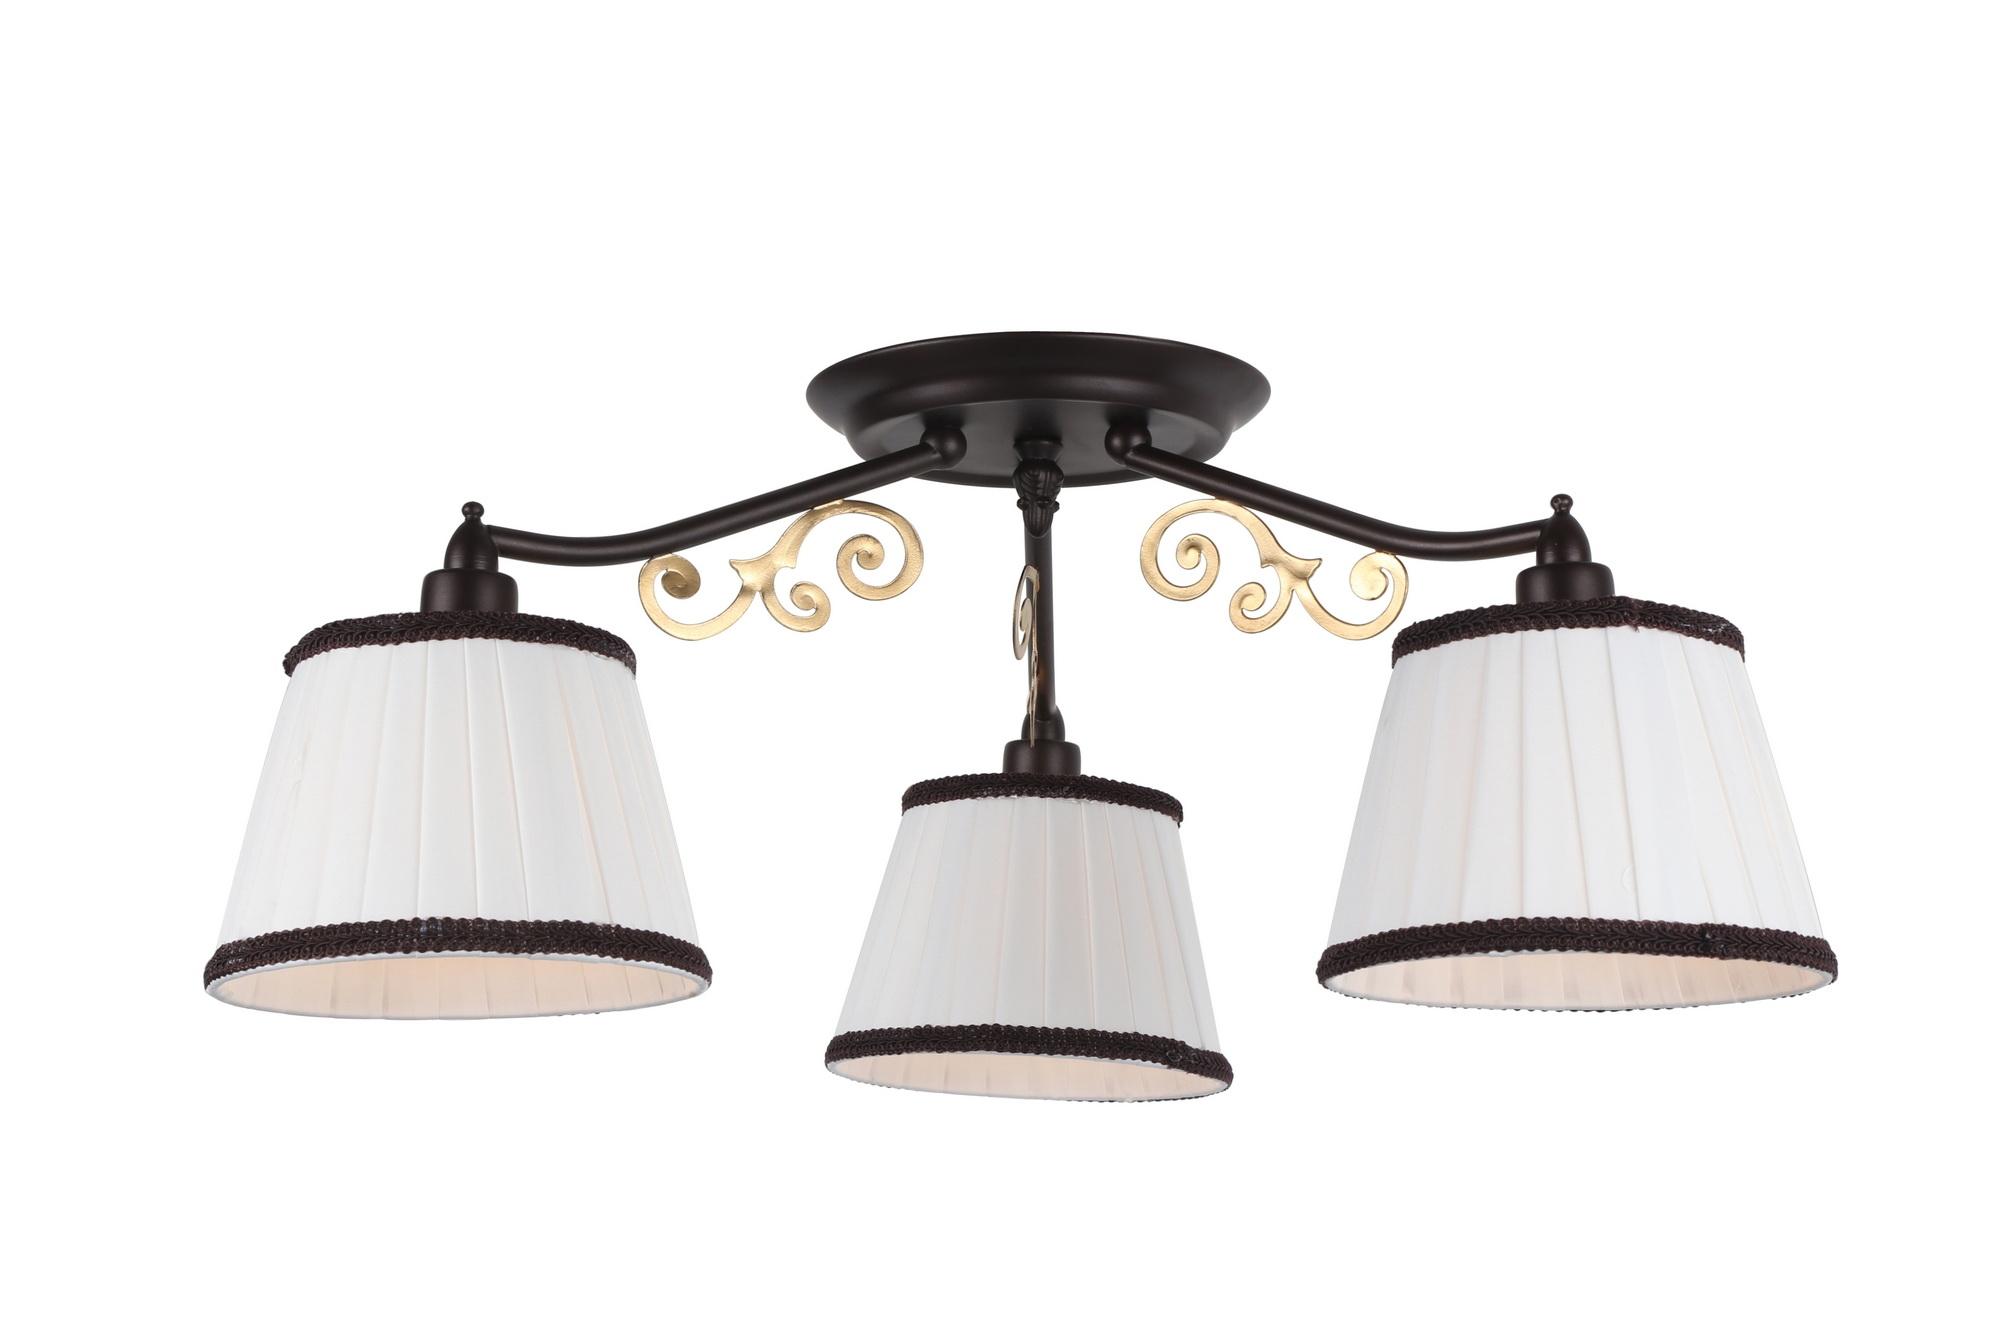 Люстра Arte lamp Capri a6344pl-3br ювелирное изделие 6344